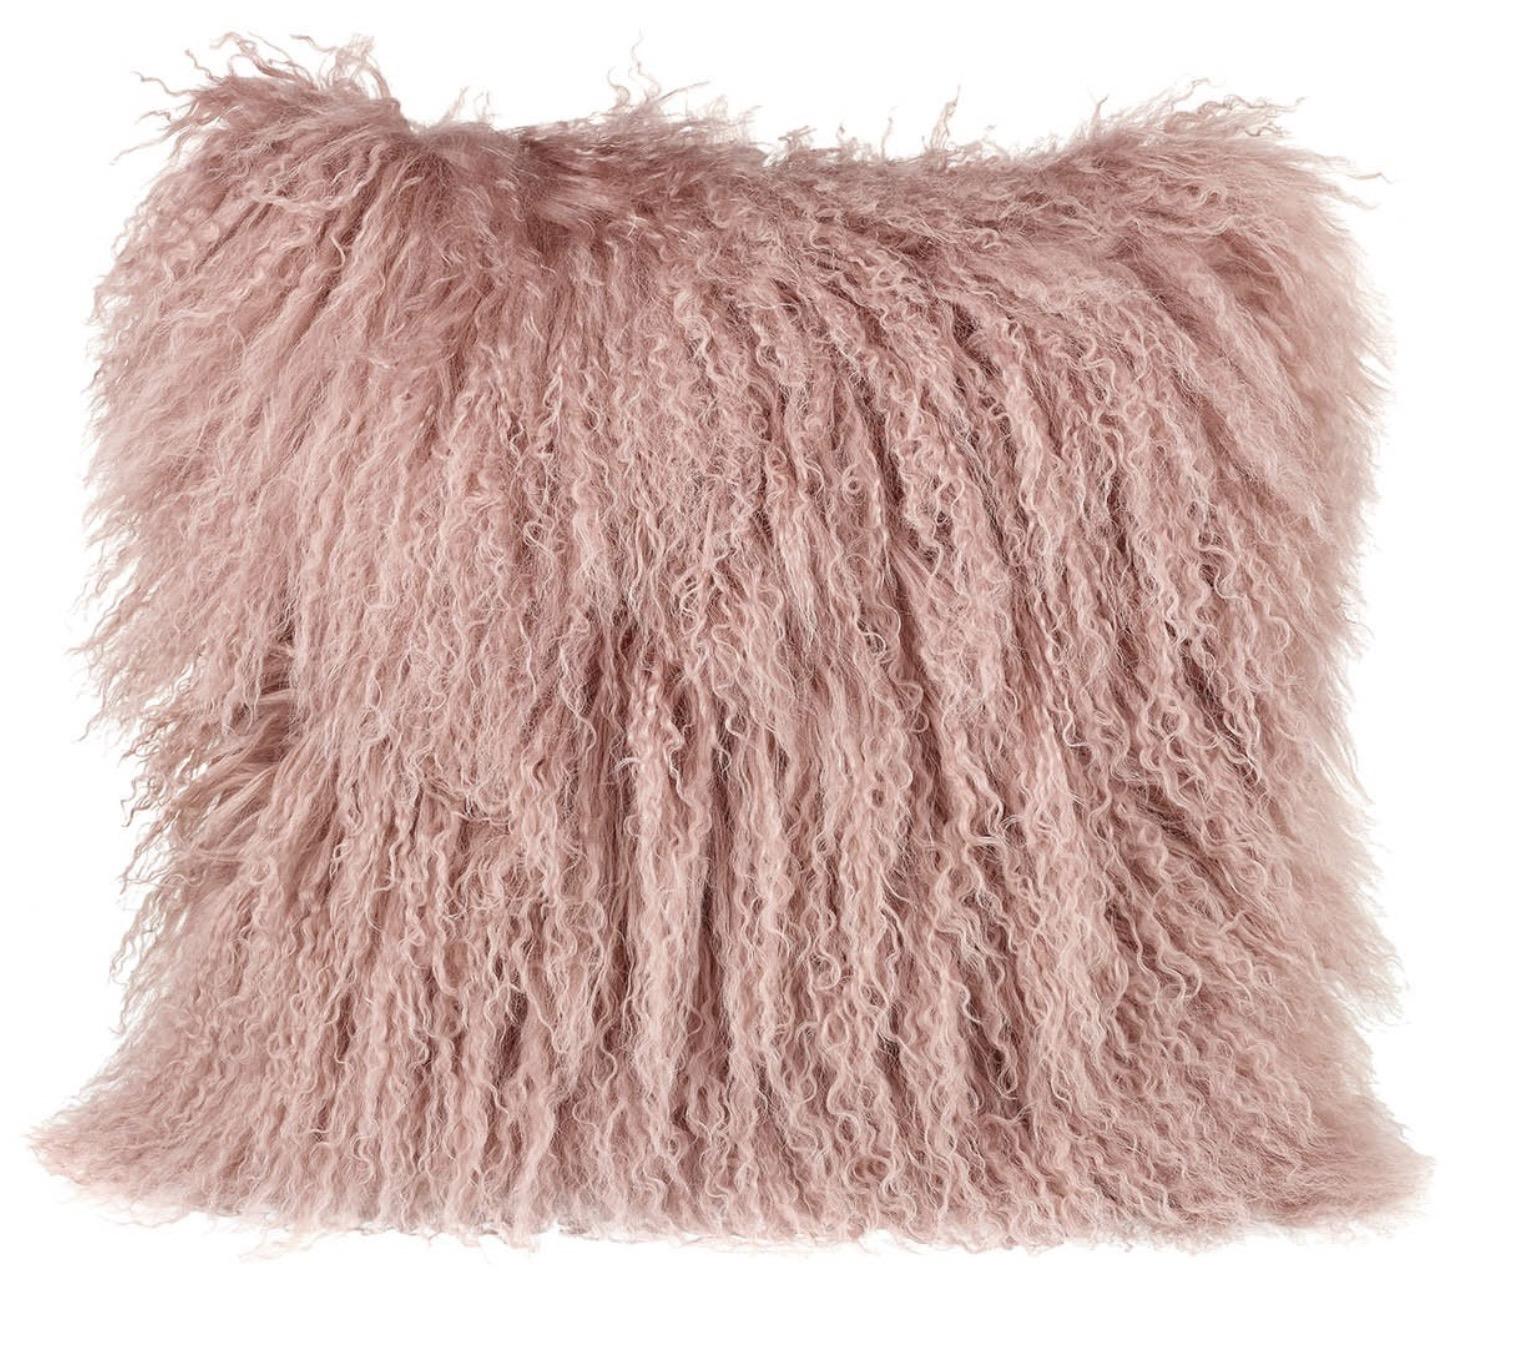 Tibetan wool cushion in pink